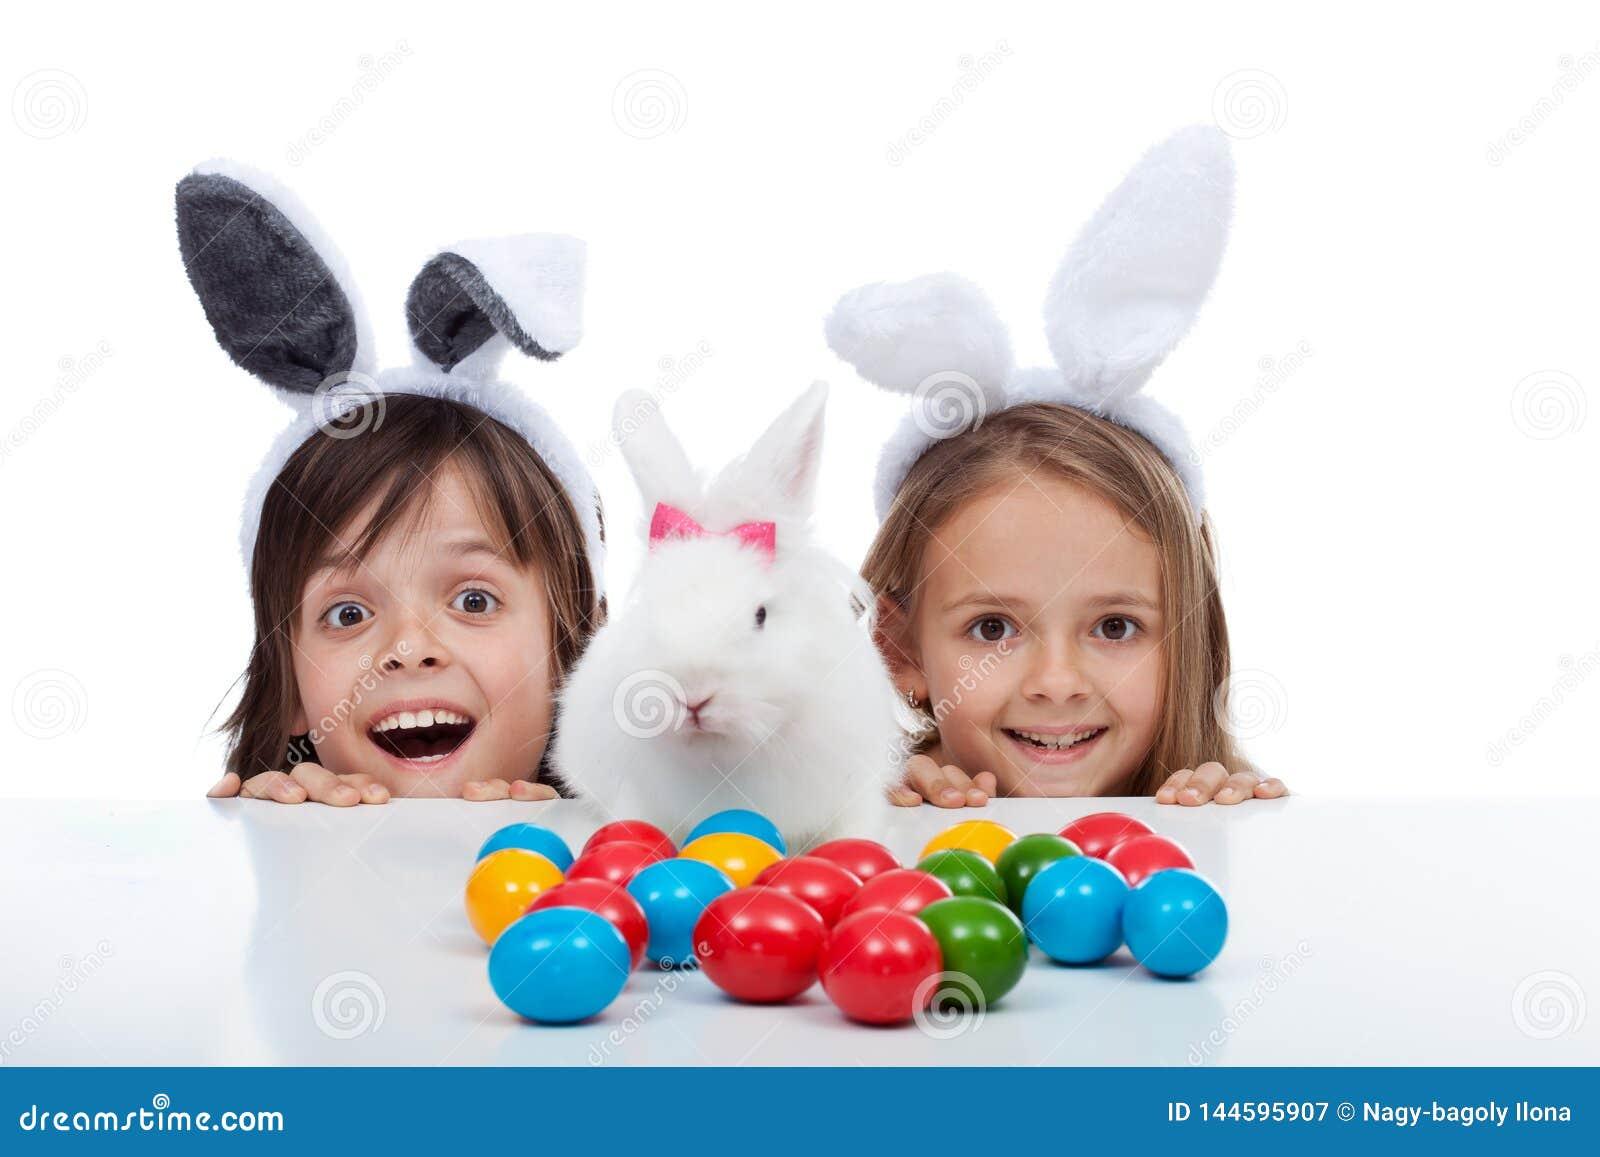 Τα ευτυχή παιδιά βρήκαν το λαγουδάκι Πάσχας και την περιοχή θανάτου αυγών - απομονωμένα στο λευκό